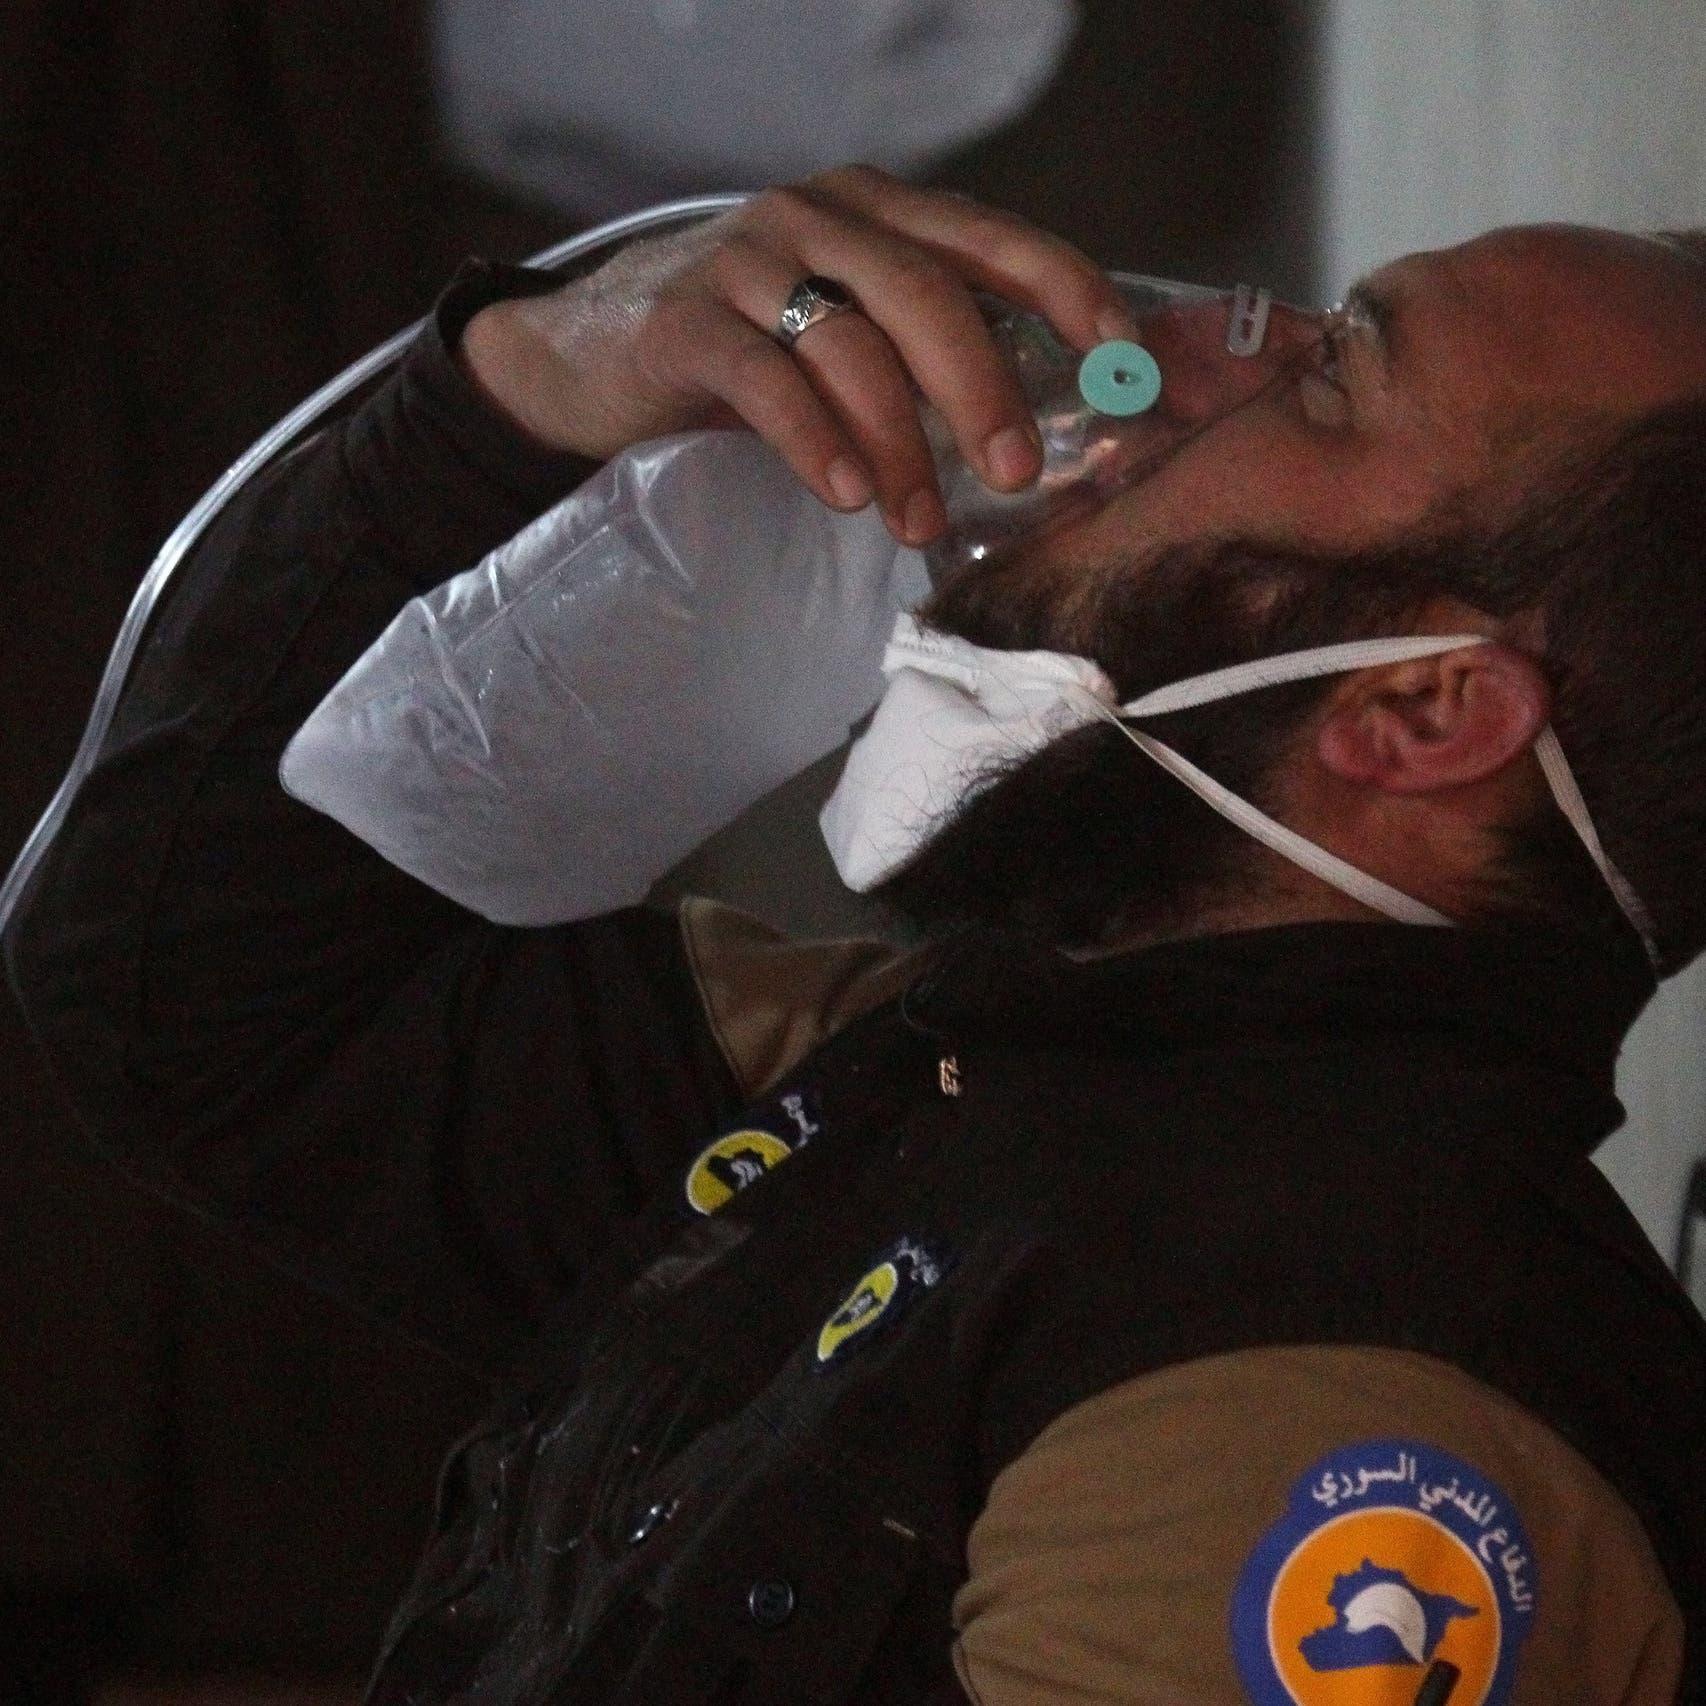 منظمة حظر الكيمياوي: السارين استخدم شمال سوريا